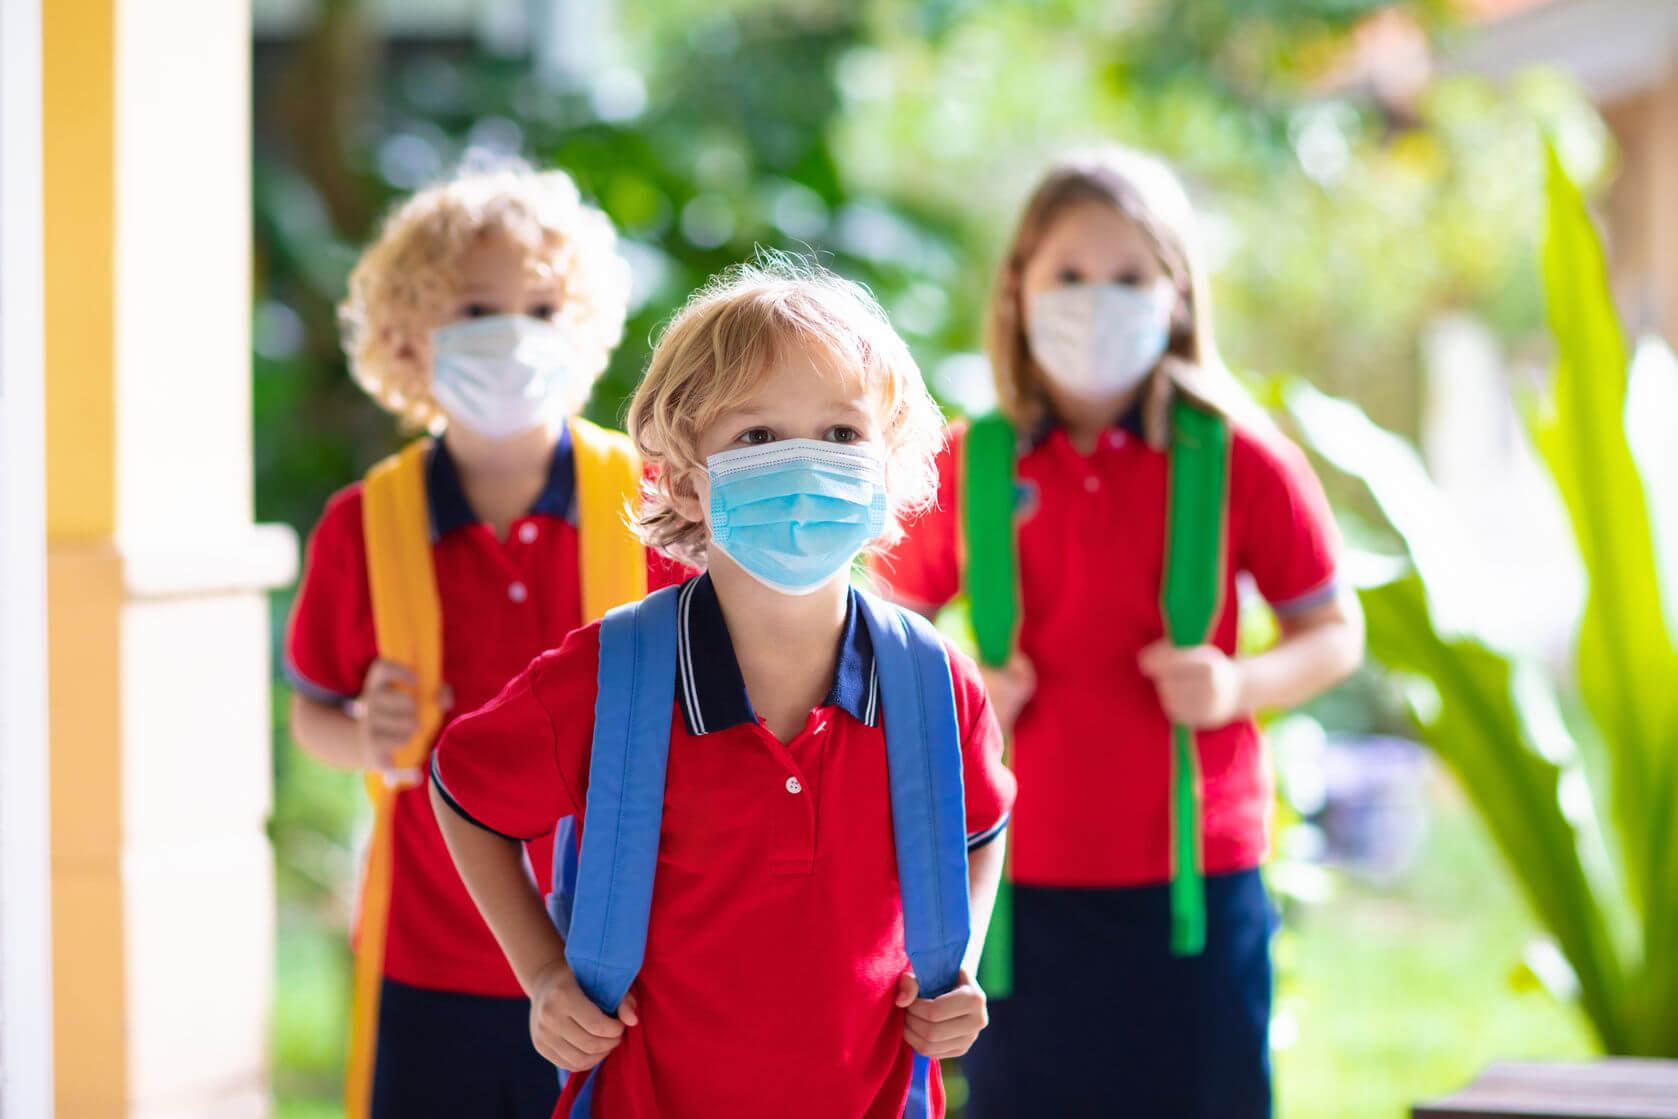 Crise sanitaire à l'école en Val-de-Marne: syndicats et parents lancent une pétition